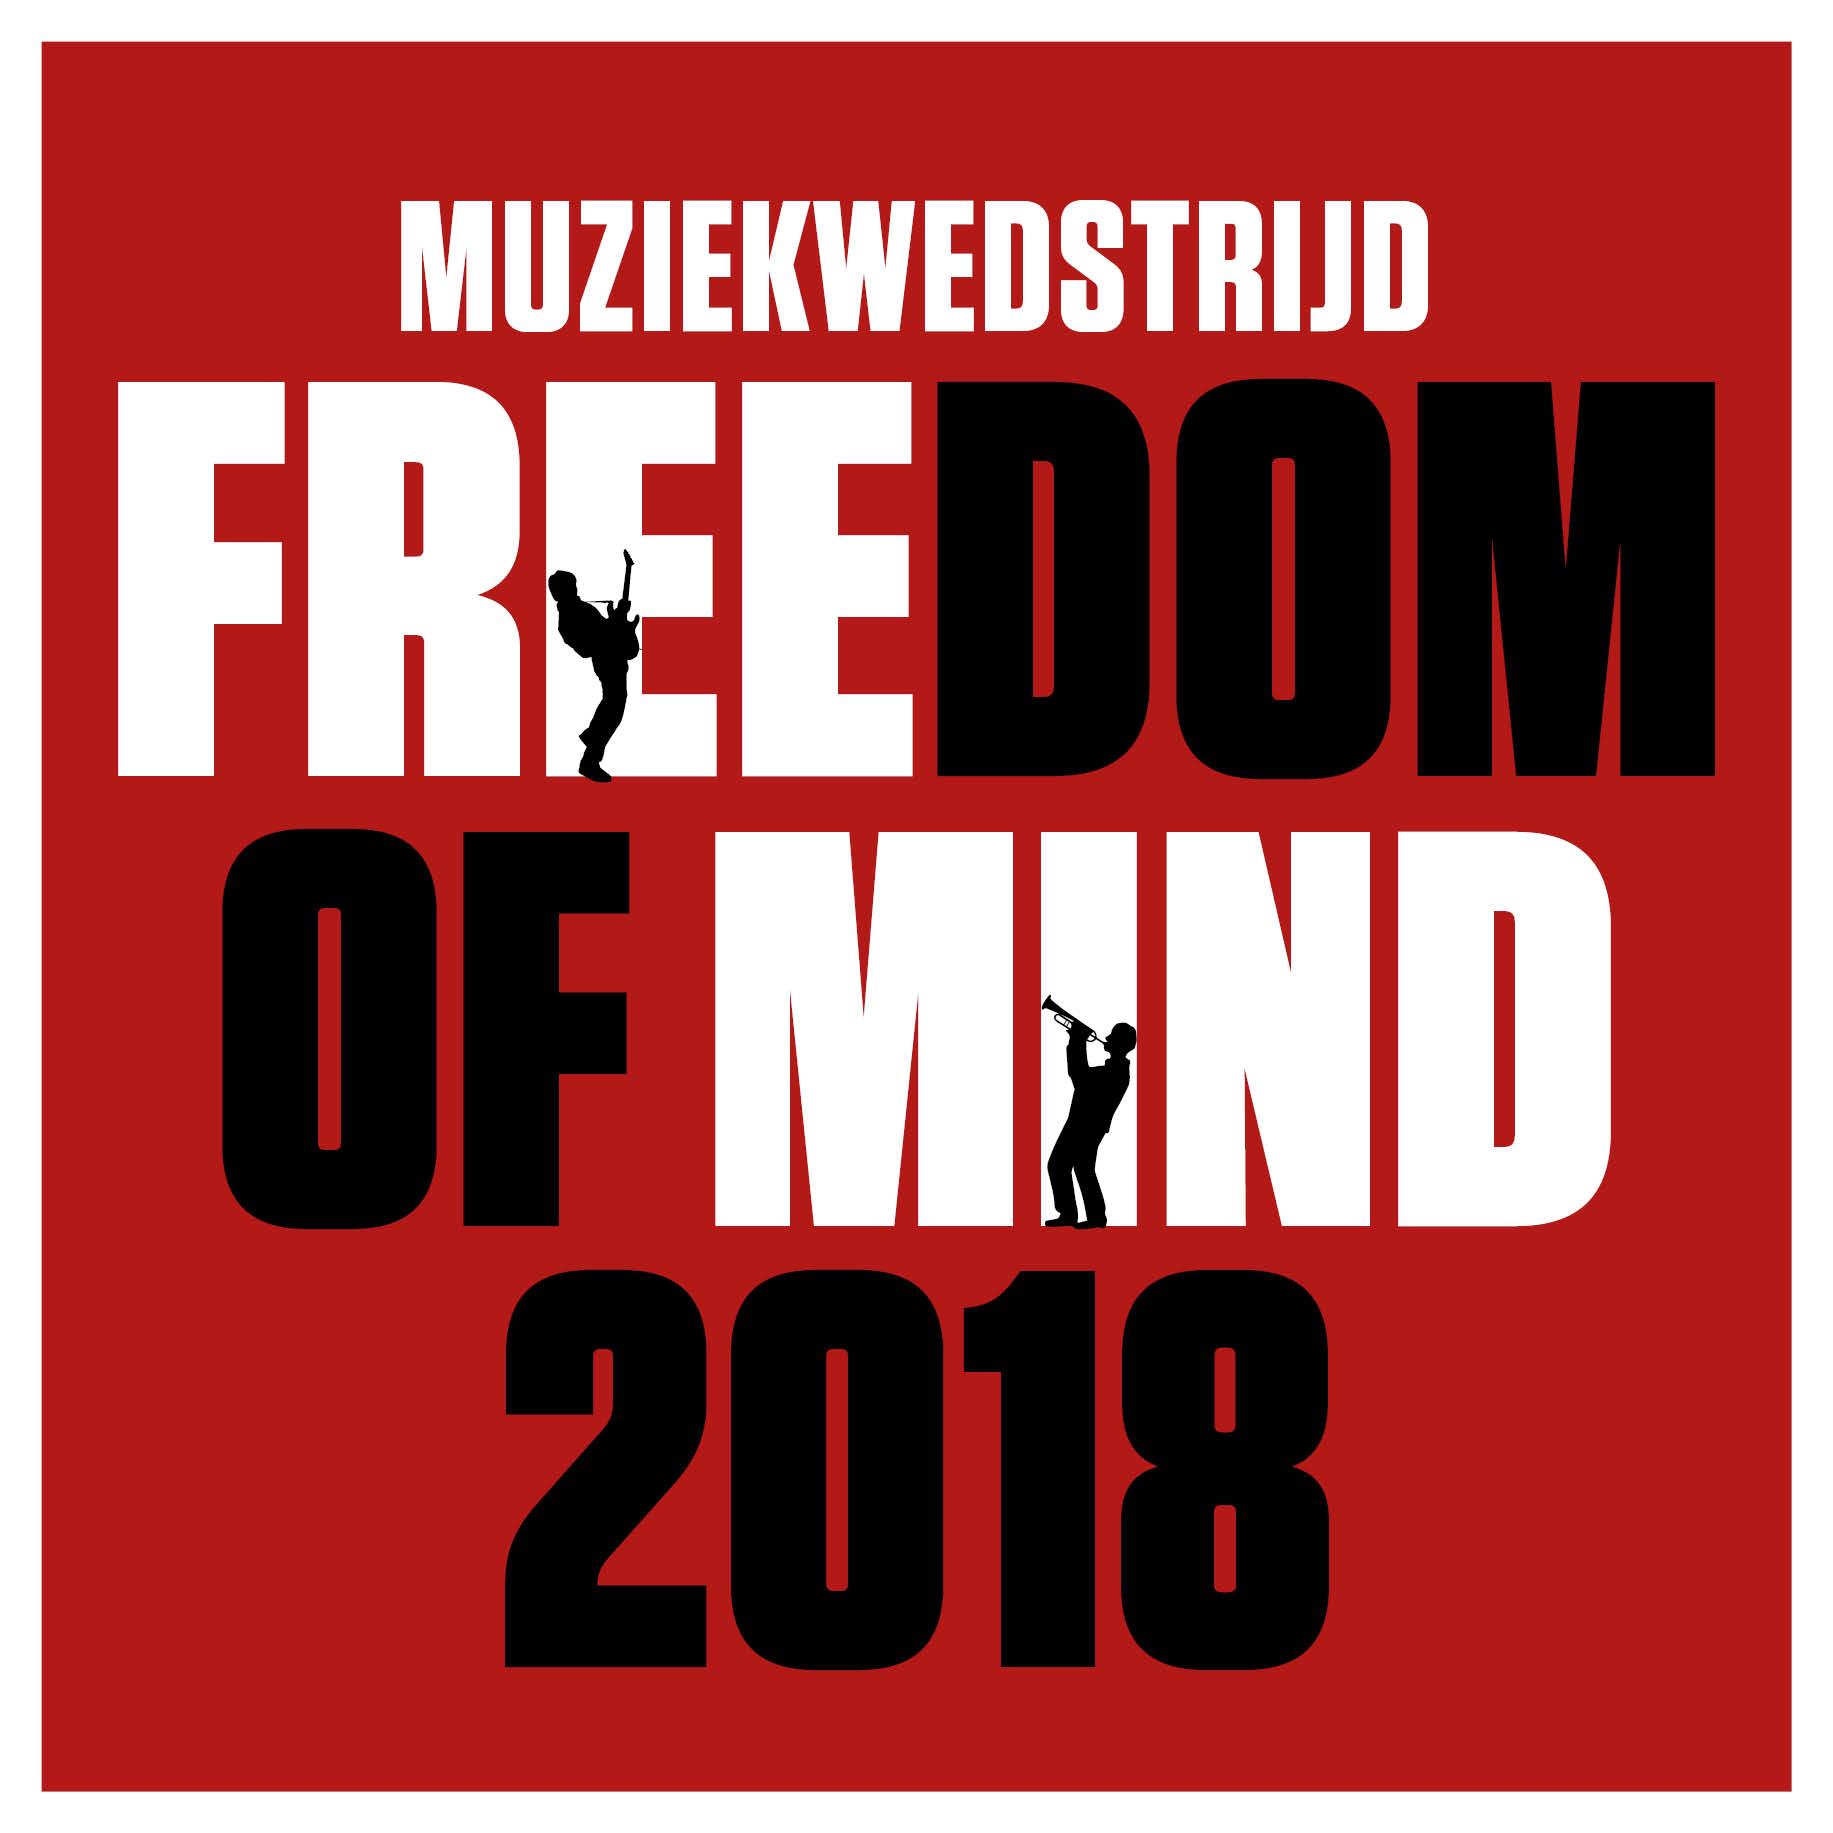 http://www.vrijzinnigwestvlaanderen.be/images/nieuwsbrief/freedomofmindcoverfoto.jpg